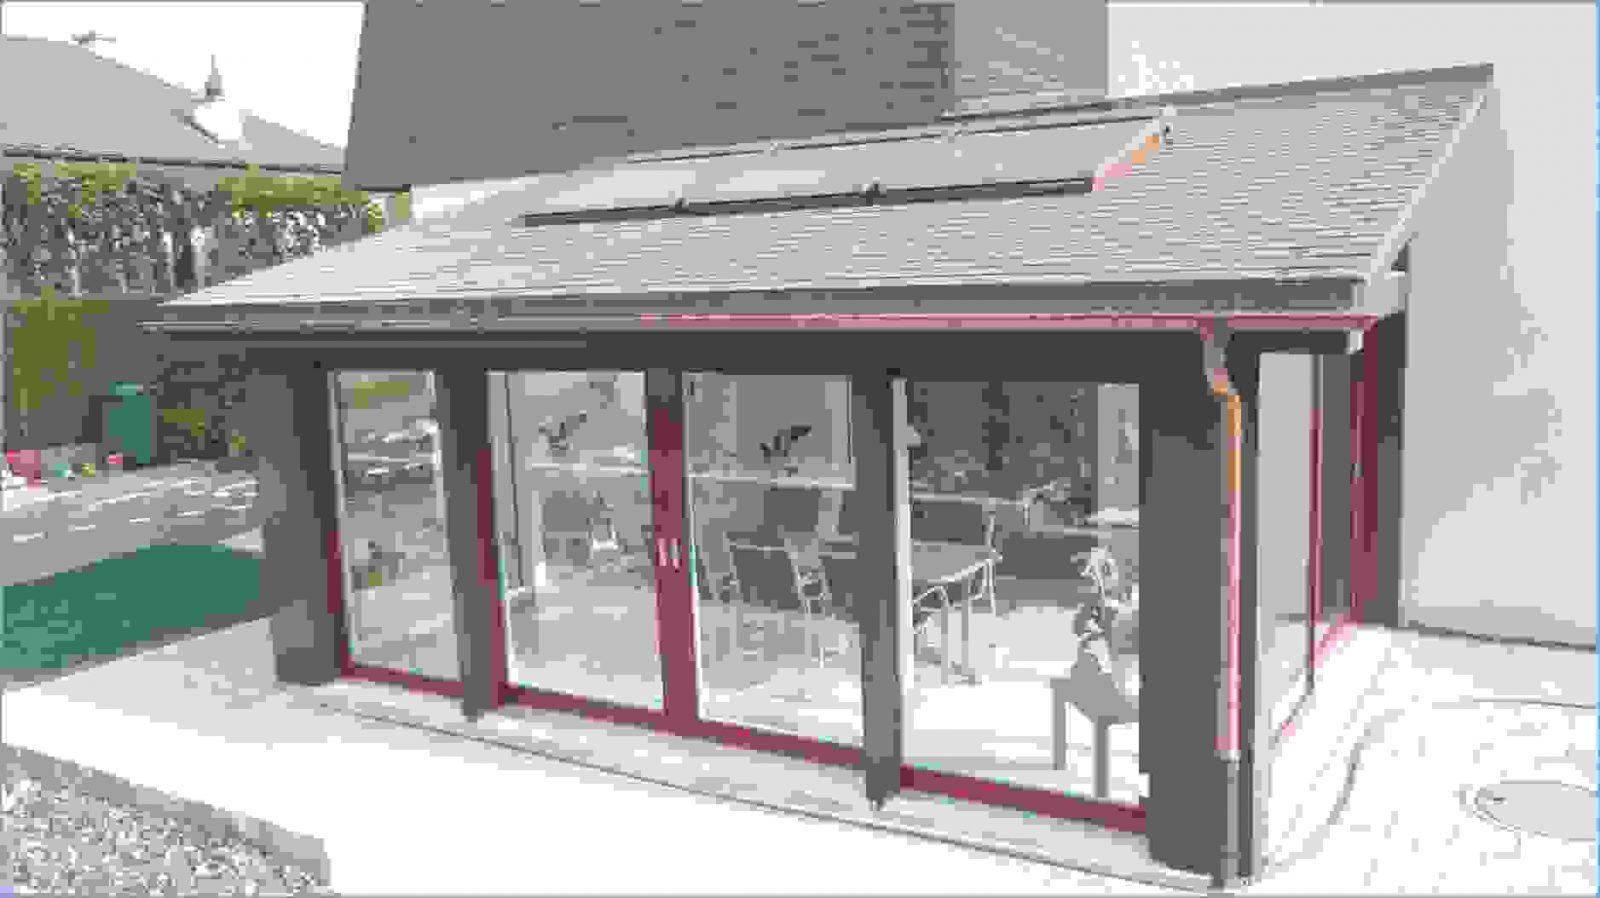 Balkon Aus Holz Selber Bauen – Actoffo Von Balkon Holz Selber Bauen von Balkon Holz Selber Bauen Bild